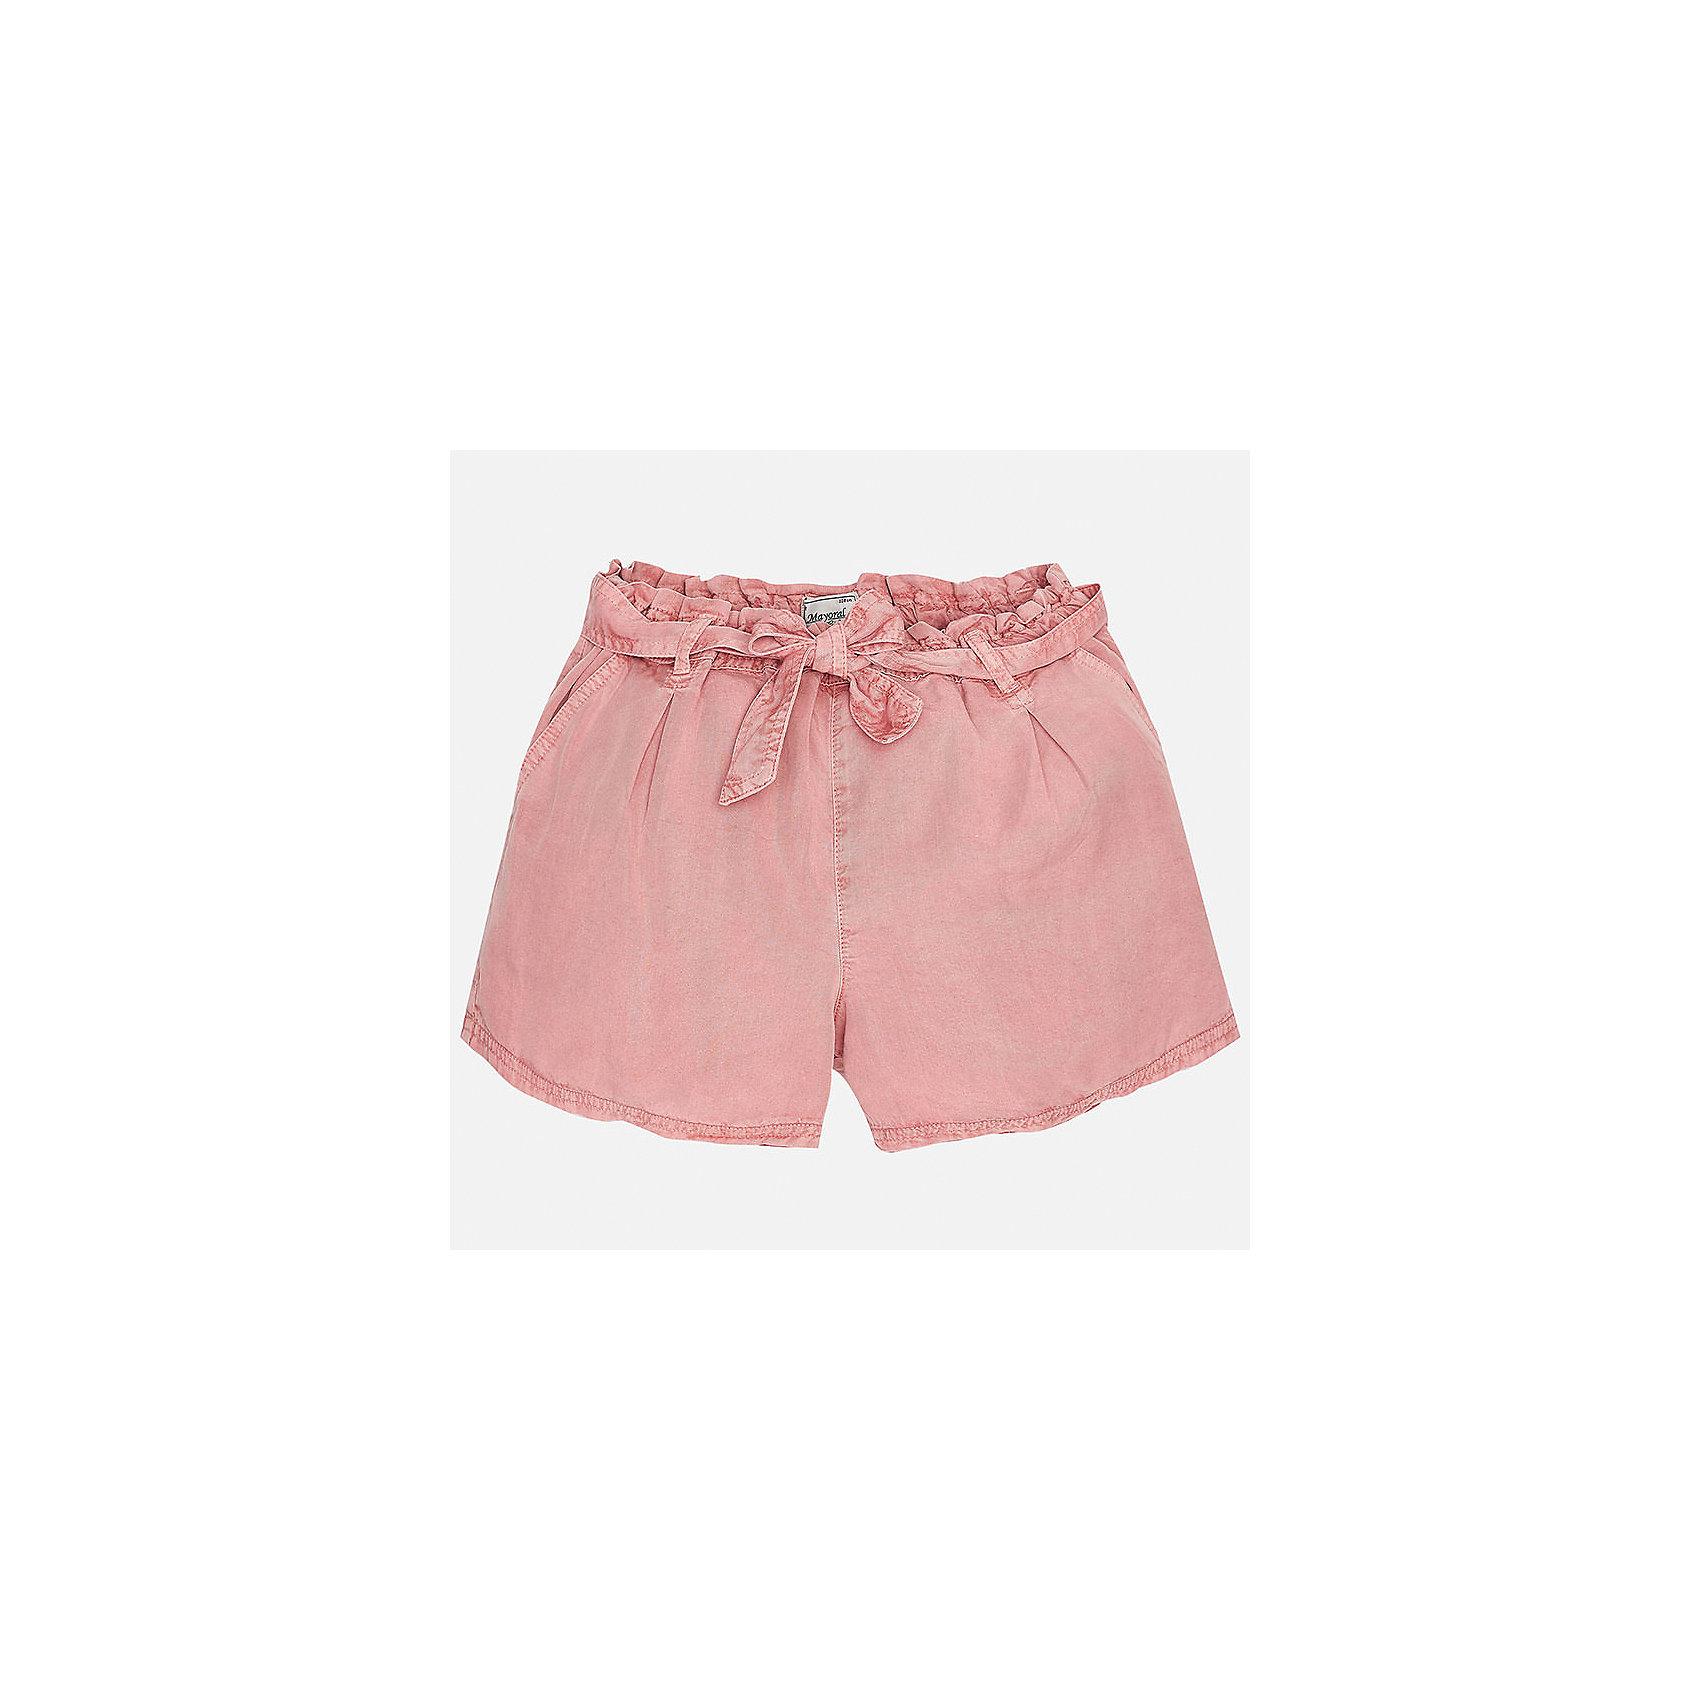 Шорты для девочки MayoralХарактеристики товара:<br><br>• цвет: розовый<br>• состав: 100% лиоцелл<br>• свободный силуэт<br>• есть пояс<br>• пояс - резинка<br>• страна бренда: Испания<br><br>Стильные легкие шорты для девочки смогут разнообразить гардероб ребенка и украсить наряд. Они отлично сочетаются с майками, футболками. Красивый оттенок позволяет подобрать к вещи верх разных расцветок. Интересный крой модели делает её нарядной и оригинальной. <br><br>Одежда, обувь и аксессуары от испанского бренда Mayoral полюбились детям и взрослым по всему миру. Модели этой марки - стильные и удобные. Для их производства используются только безопасные, качественные материалы и фурнитура. Порадуйте ребенка модными и красивыми вещами от Mayoral! <br><br>Шорты для девочки от испанского бренда Mayoral (Майорал) можно купить в нашем интернет-магазине.<br><br>Ширина мм: 191<br>Глубина мм: 10<br>Высота мм: 175<br>Вес г: 273<br>Цвет: розовый<br>Возраст от месяцев: 156<br>Возраст до месяцев: 168<br>Пол: Женский<br>Возраст: Детский<br>Размер: 164,128/134,140,152,158<br>SKU: 5292687